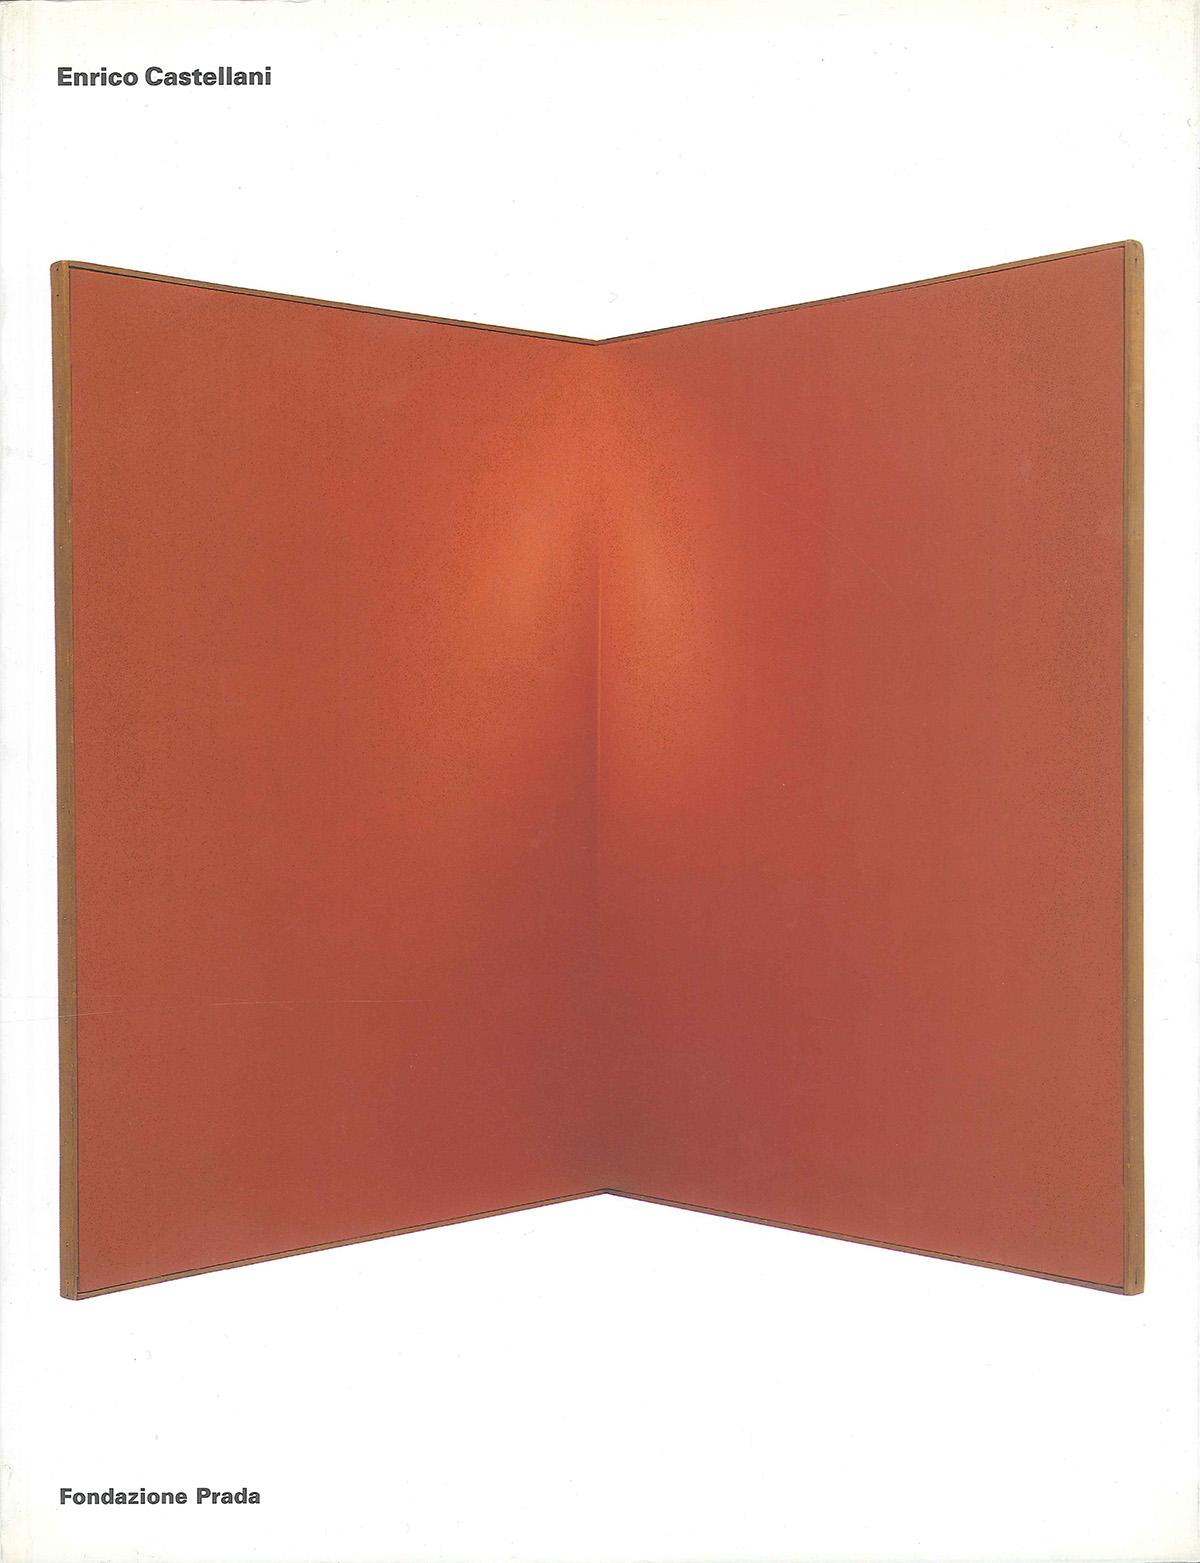 Cover - Enrico Castellani, Germano Celant, 2001, Fondazione Prada, Milano